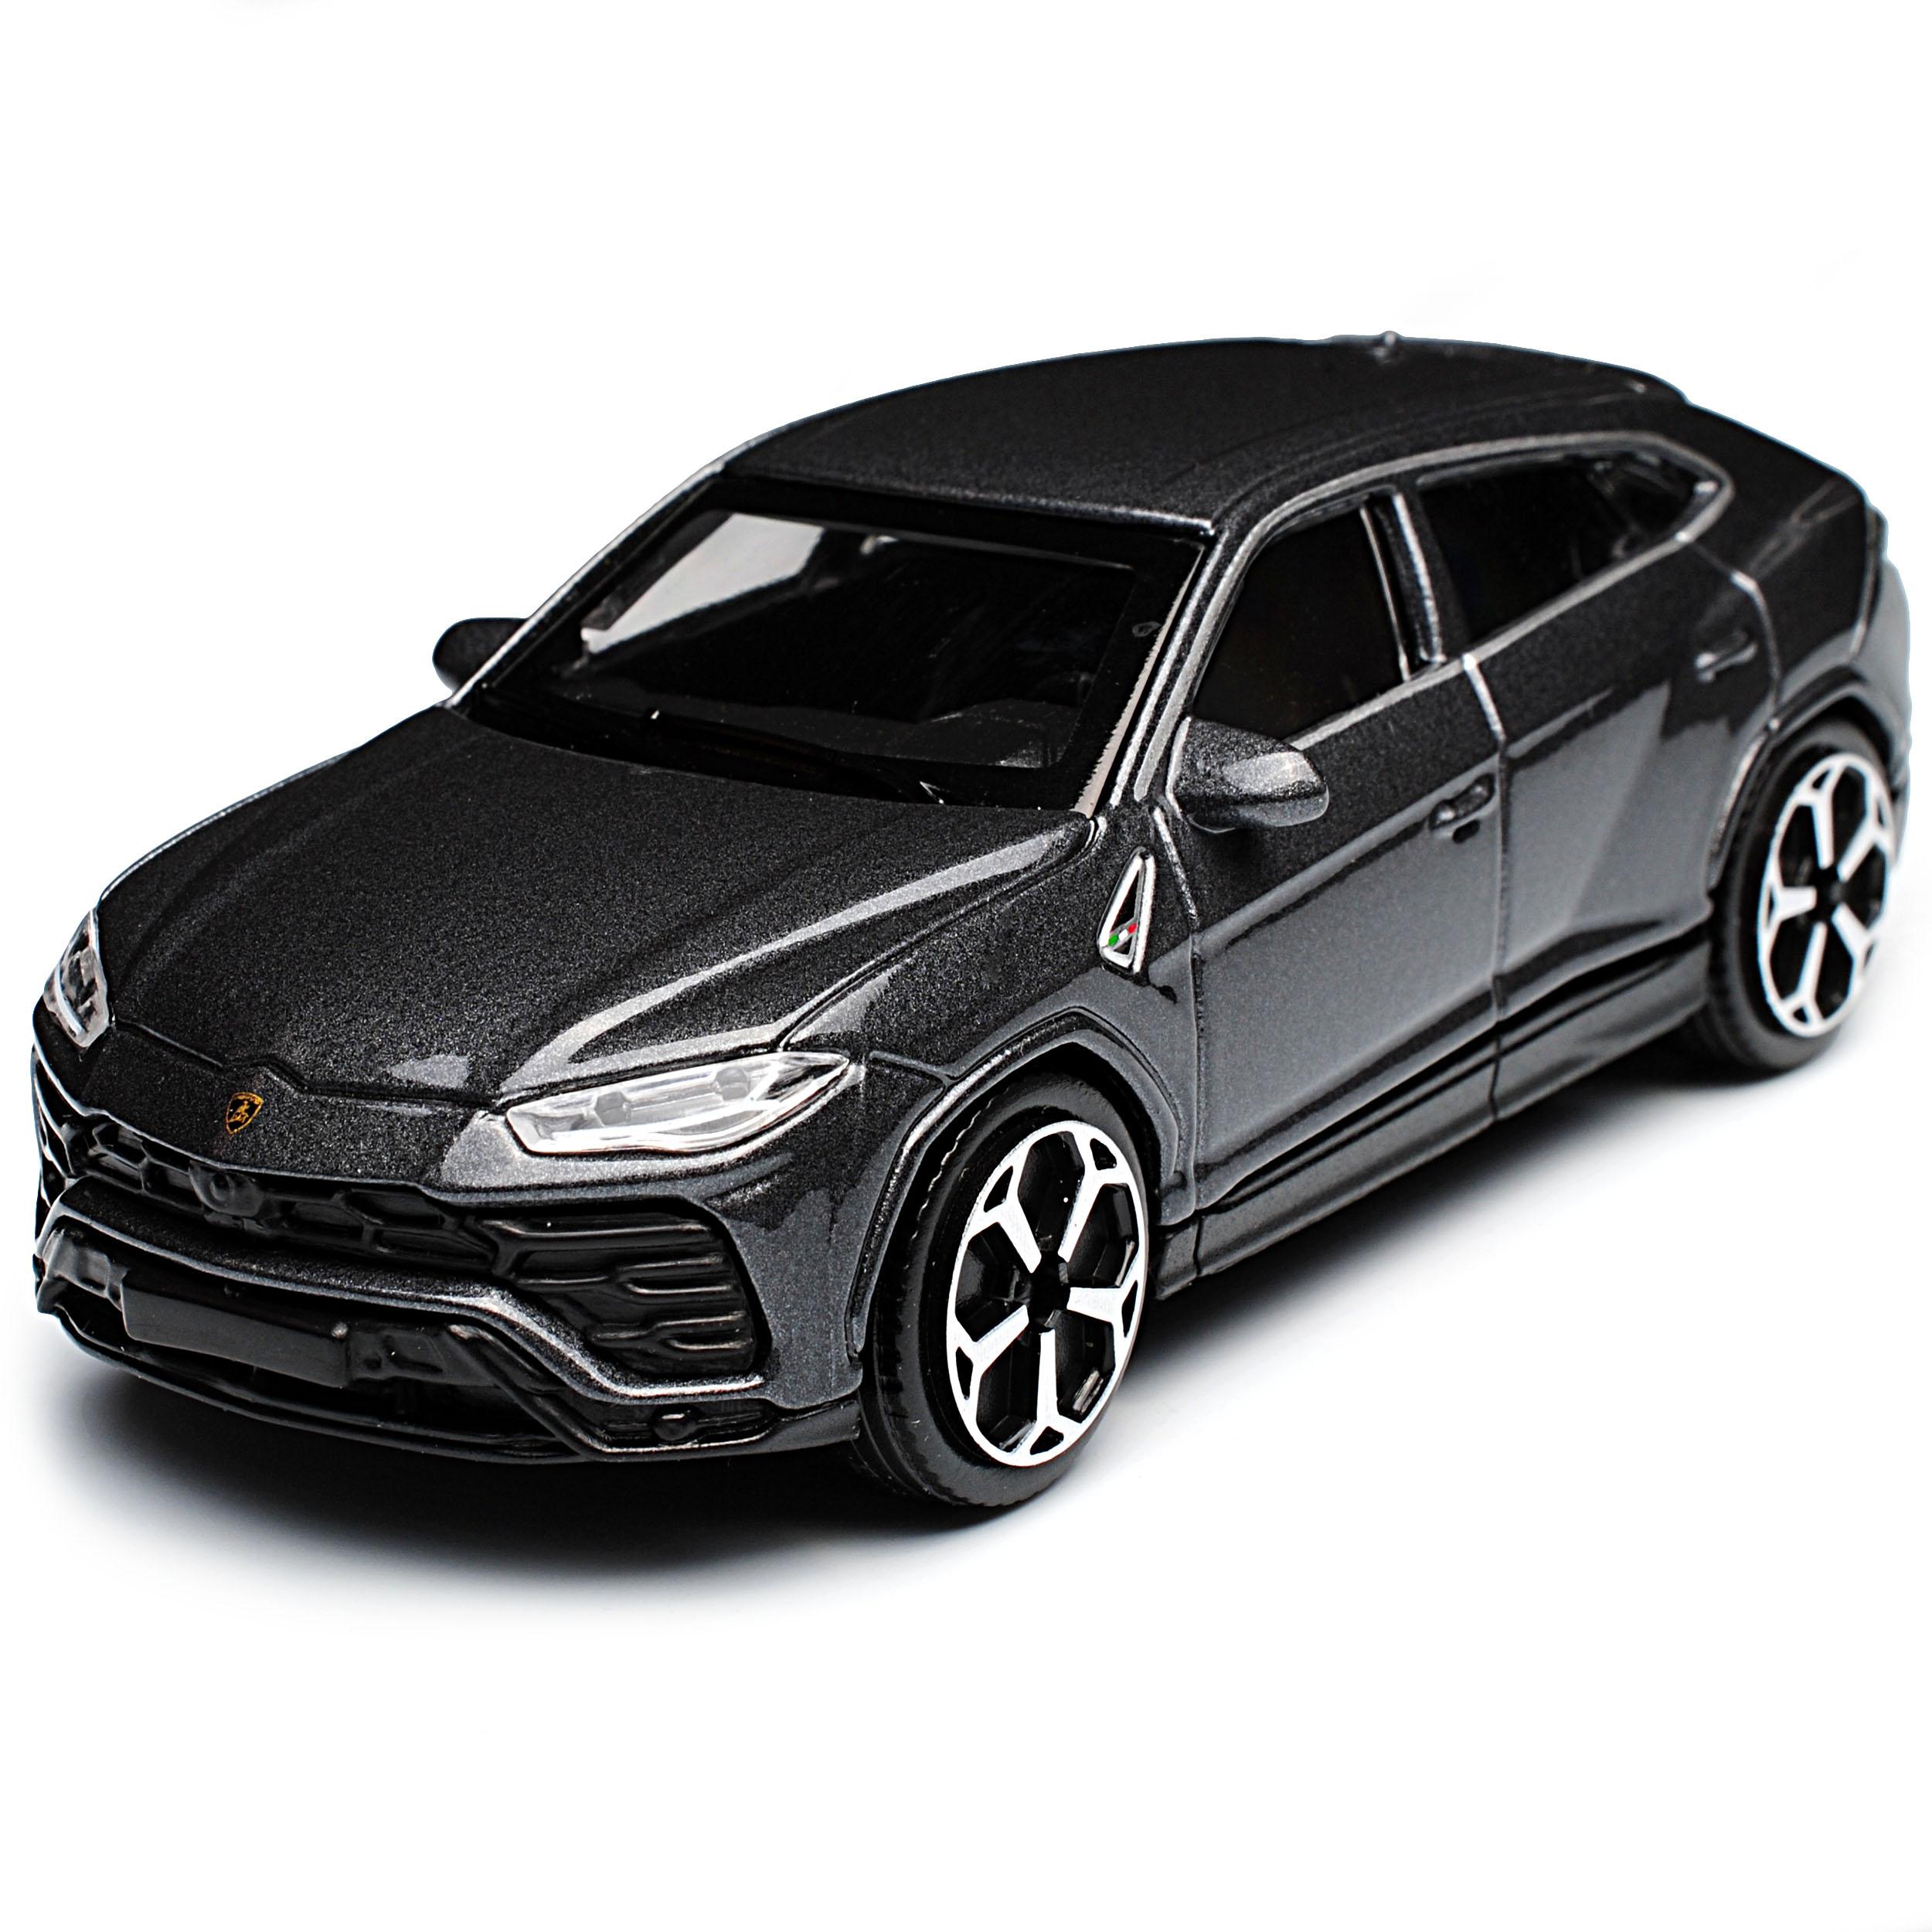 lamborghini urus suv grau ab 2017 1 43 bburago modell auto. Black Bedroom Furniture Sets. Home Design Ideas